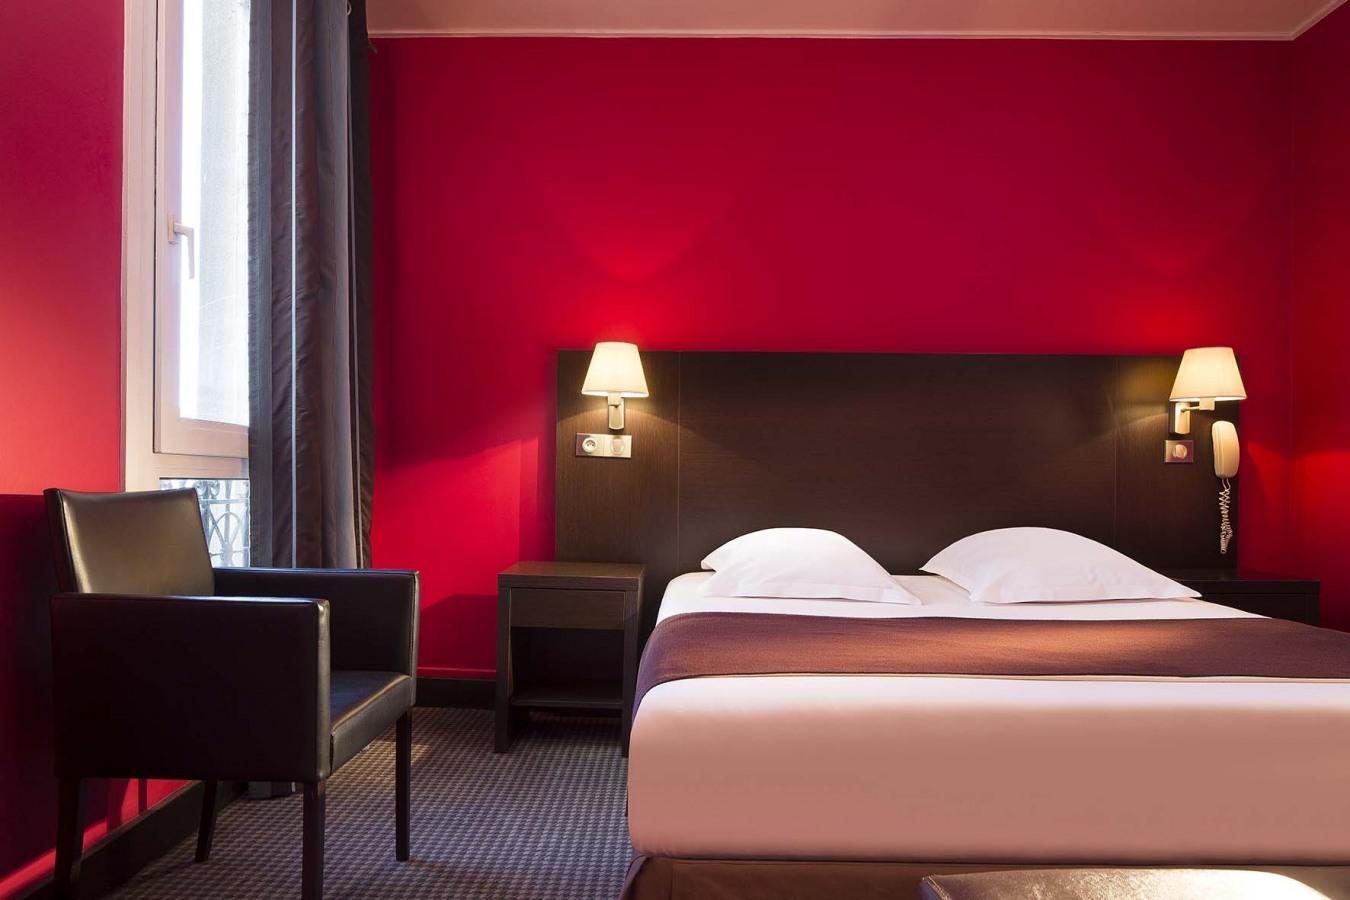 Hotel Sophie Germain - Homepage